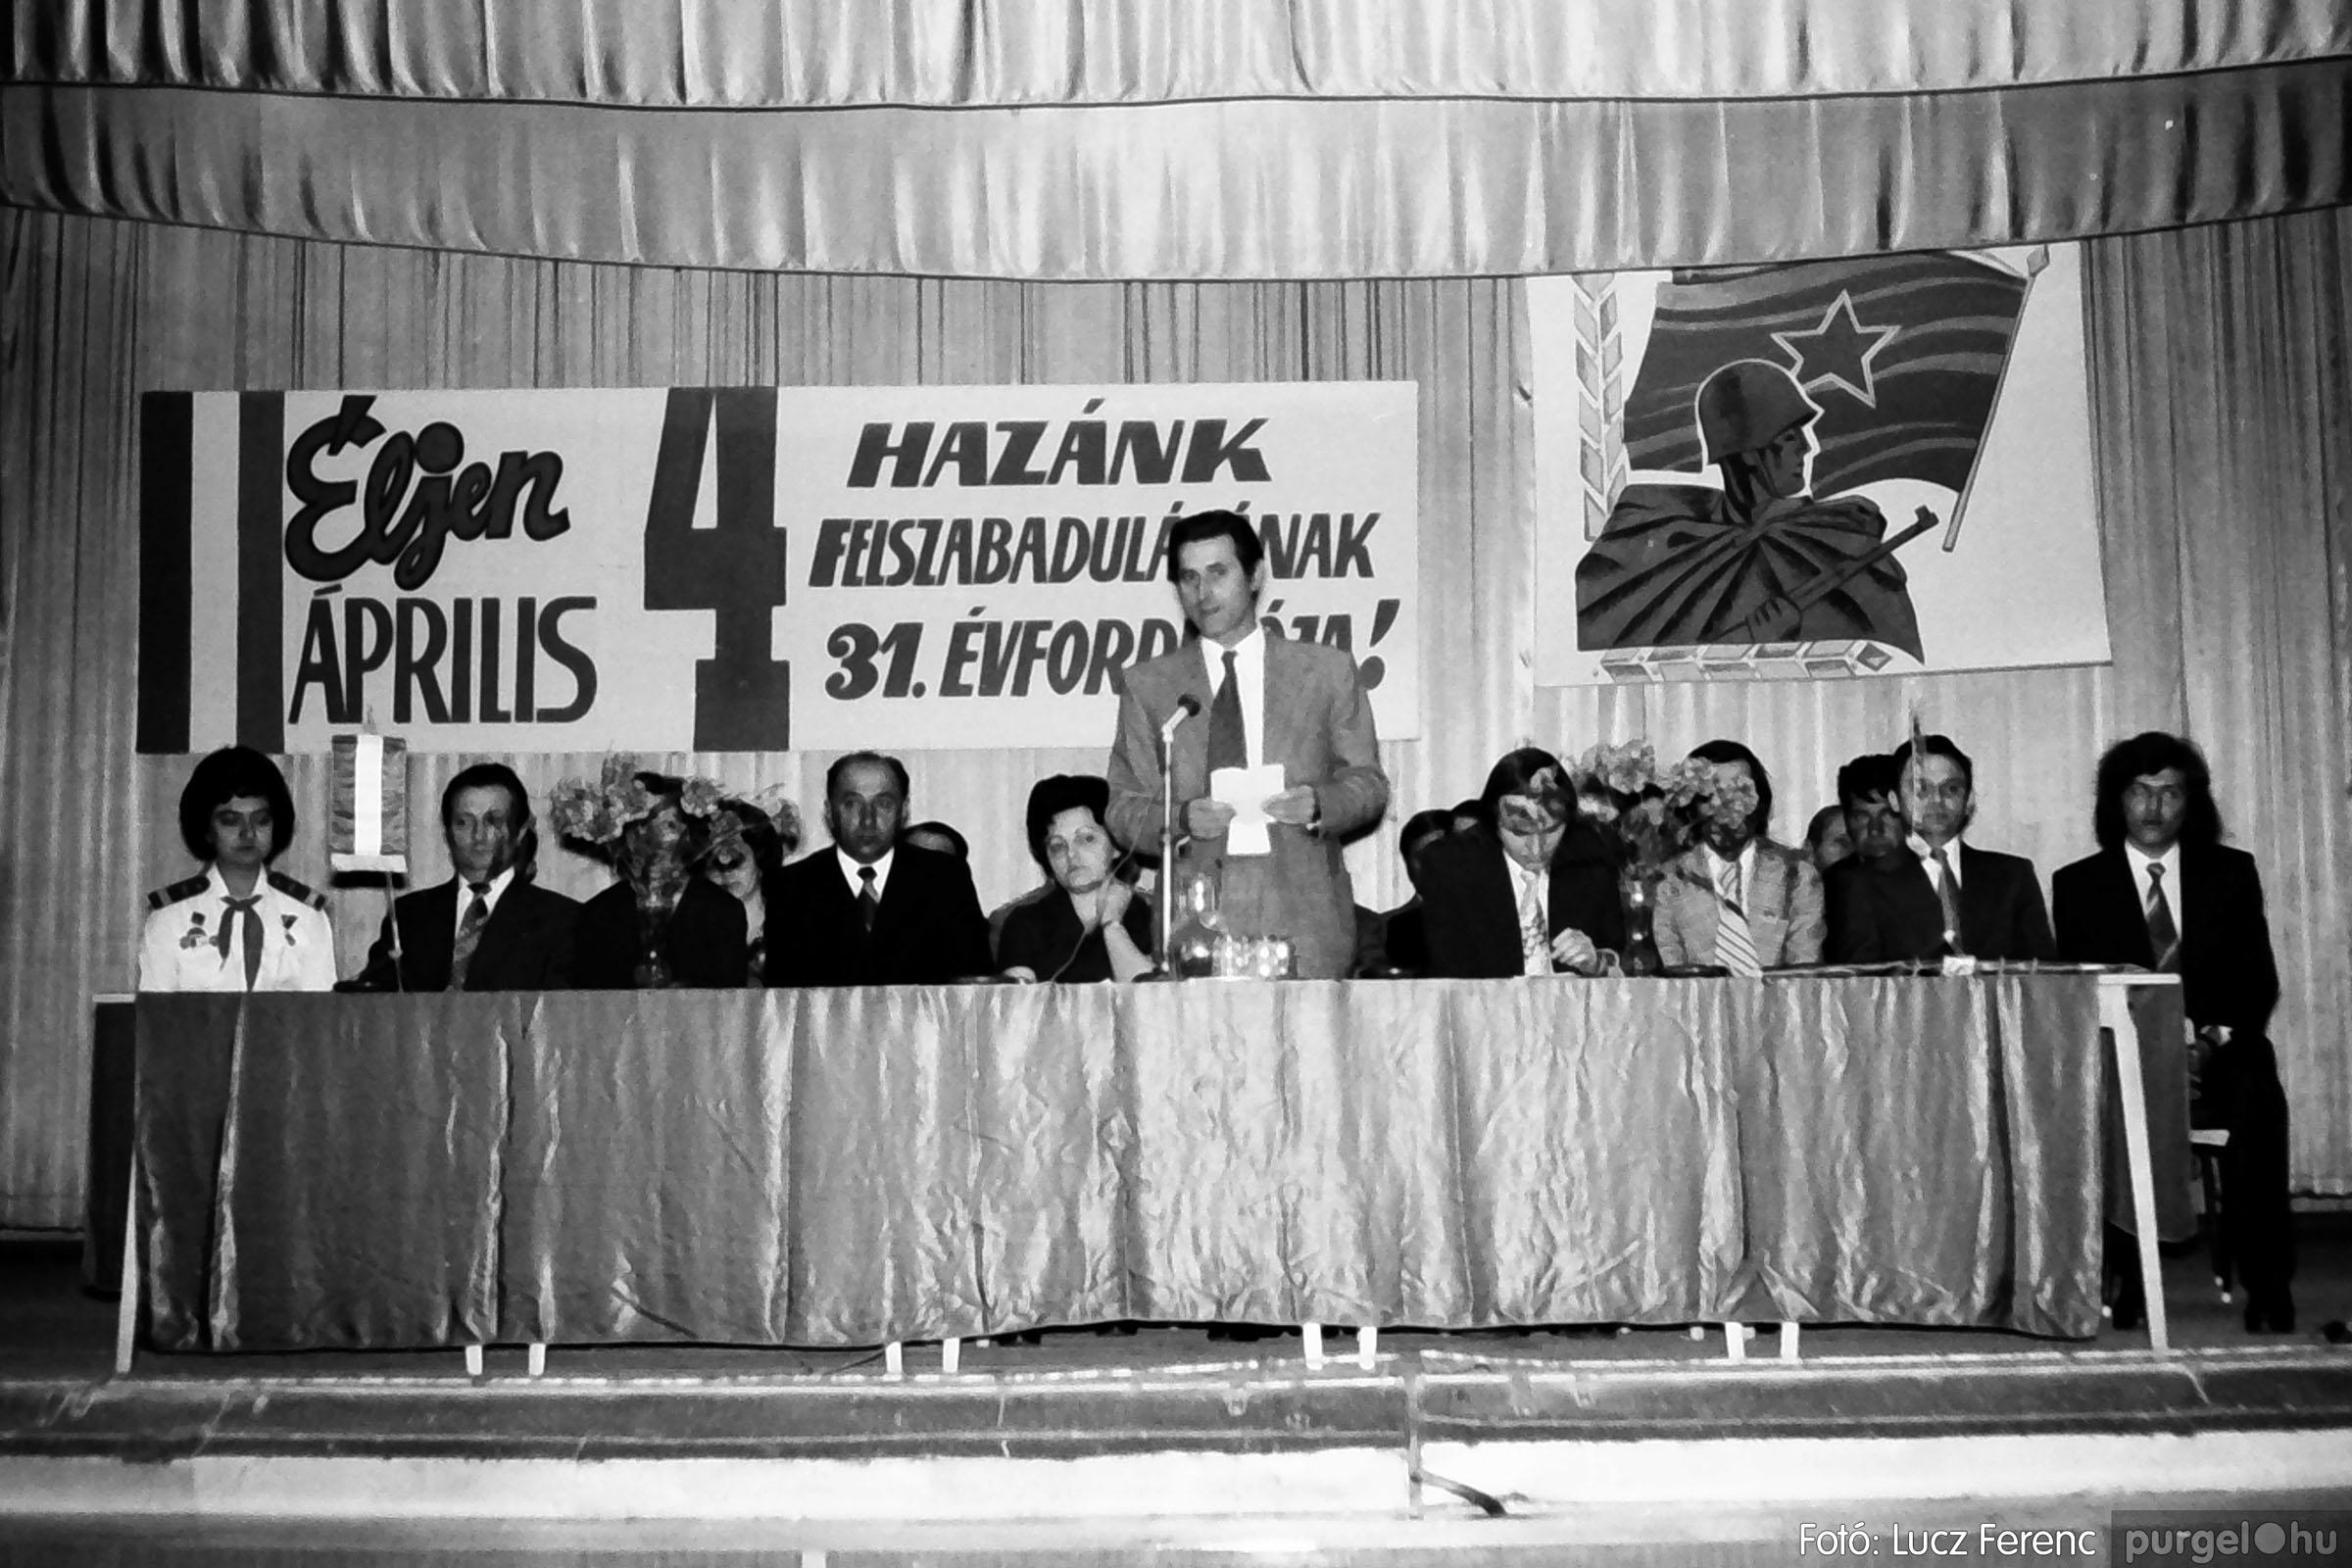 039. 1976.04.04. Április 4-i ünnepség a kultúrházban 005. - Fotó: Lucz Ferenc.jpg